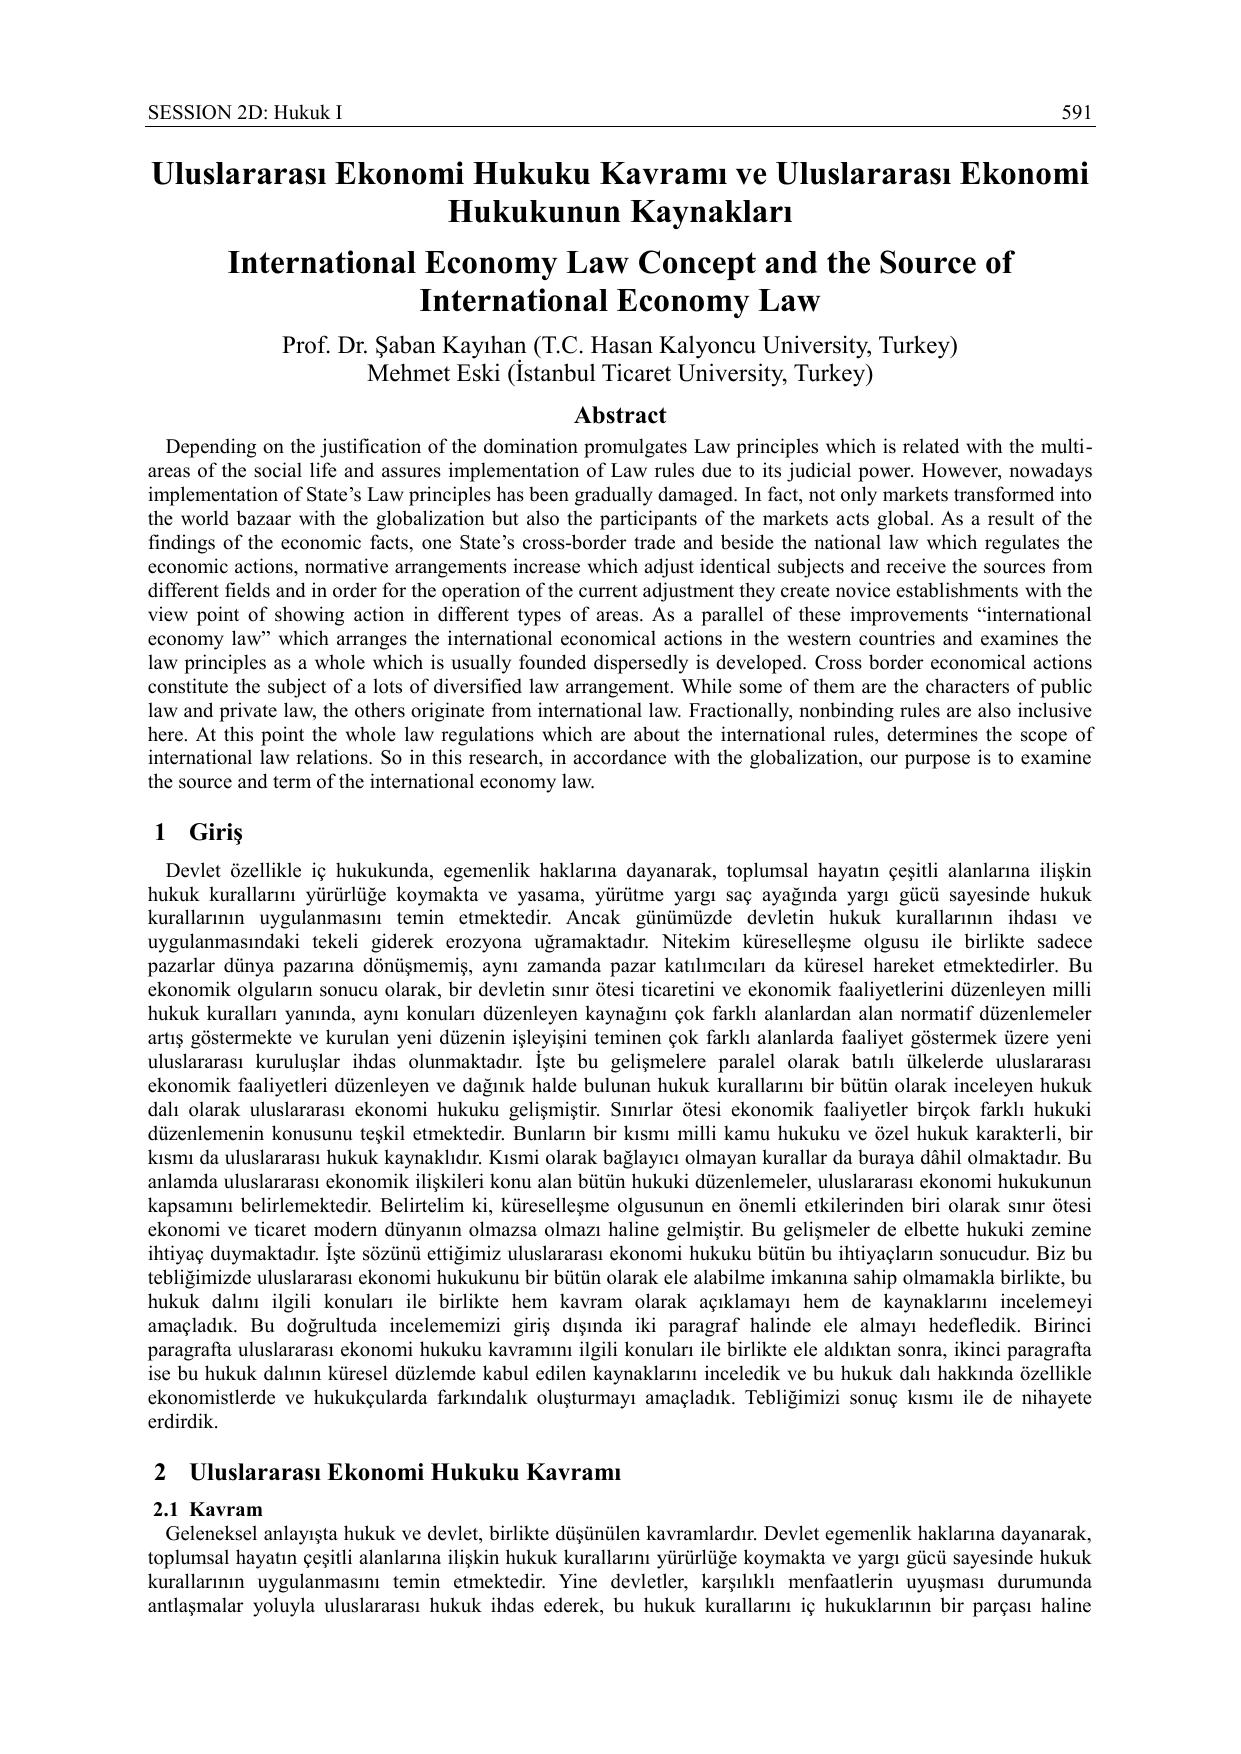 Uluslararası hukuk kavramı